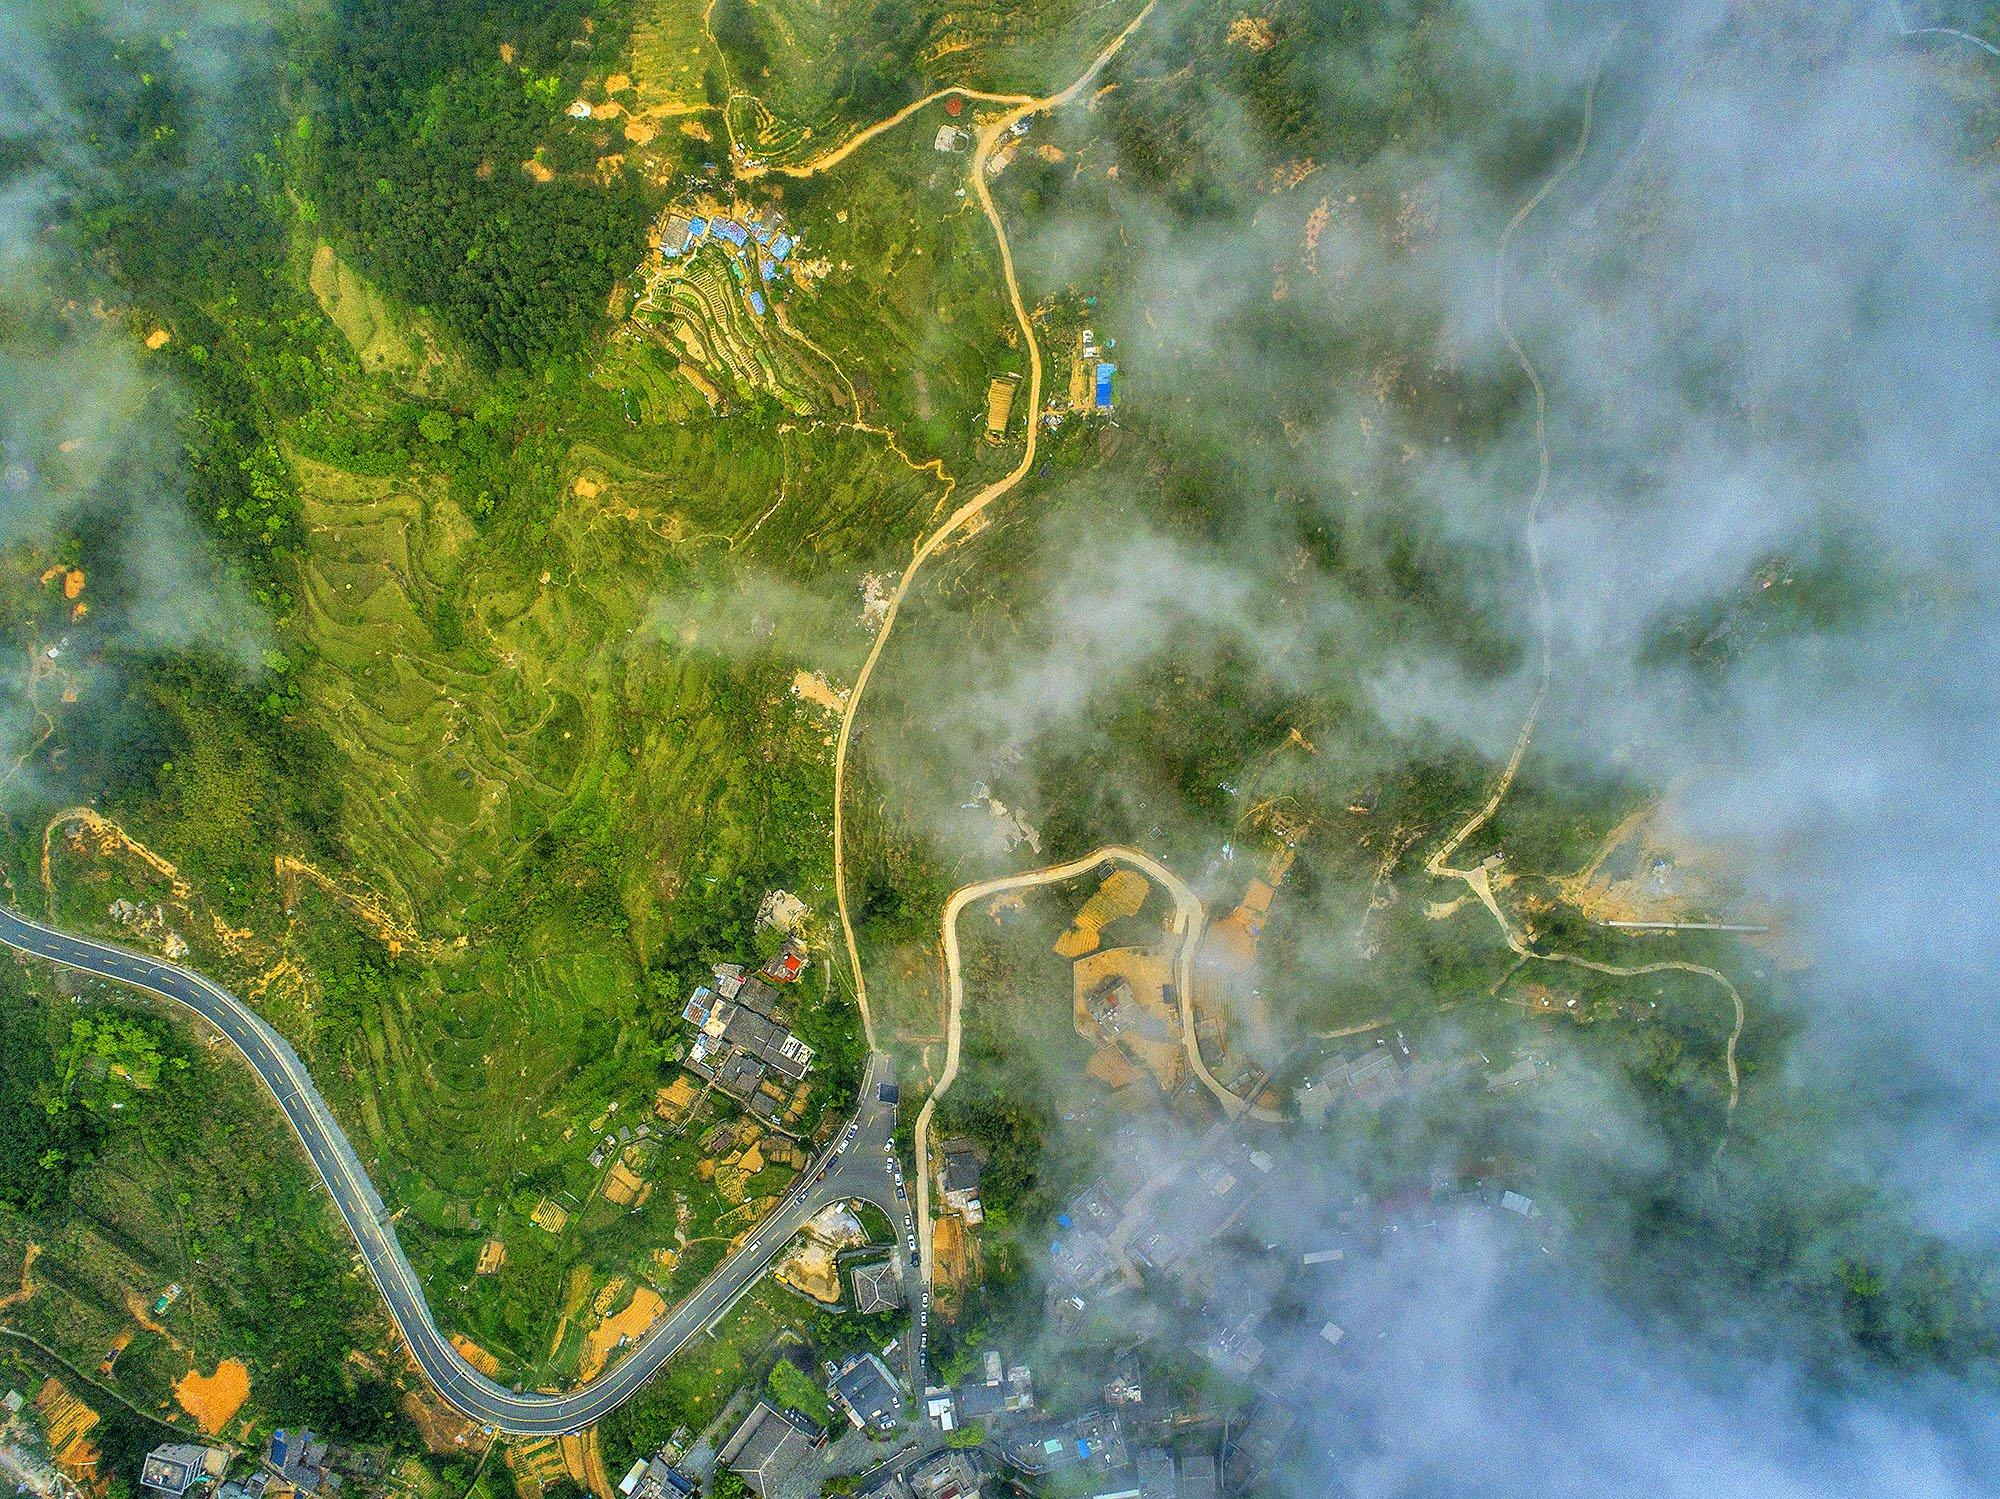 福州源脉随从升级】福州源脉温泉旅游温泉,福旅游攻略攻略图片